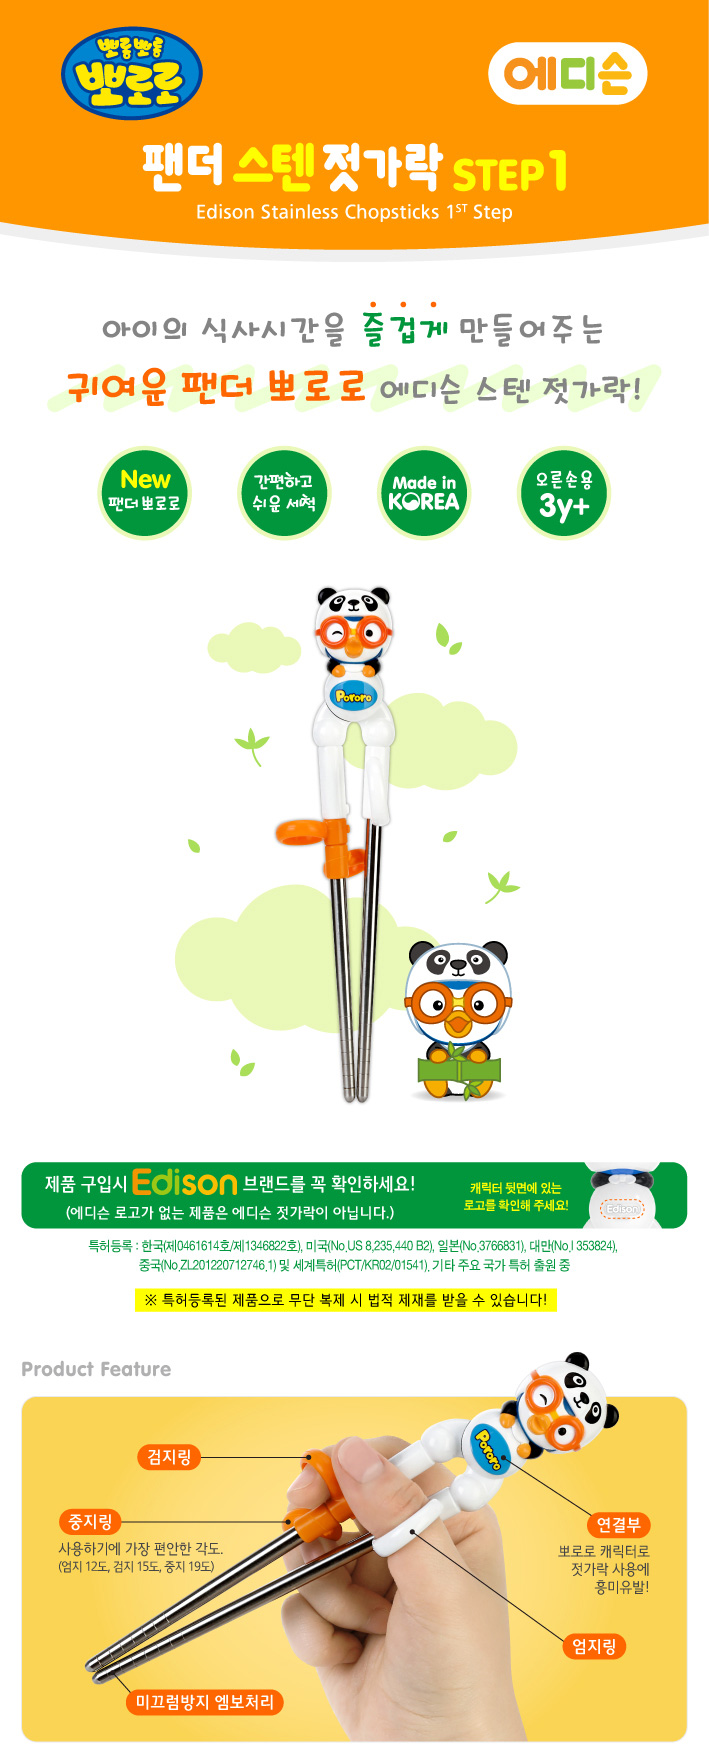 에디슨 팬더 뽀로로 스텐 1단계 젓가락 - 베이비피아, 5,600원, 유아식기/용품, 수저/포크/젓가락